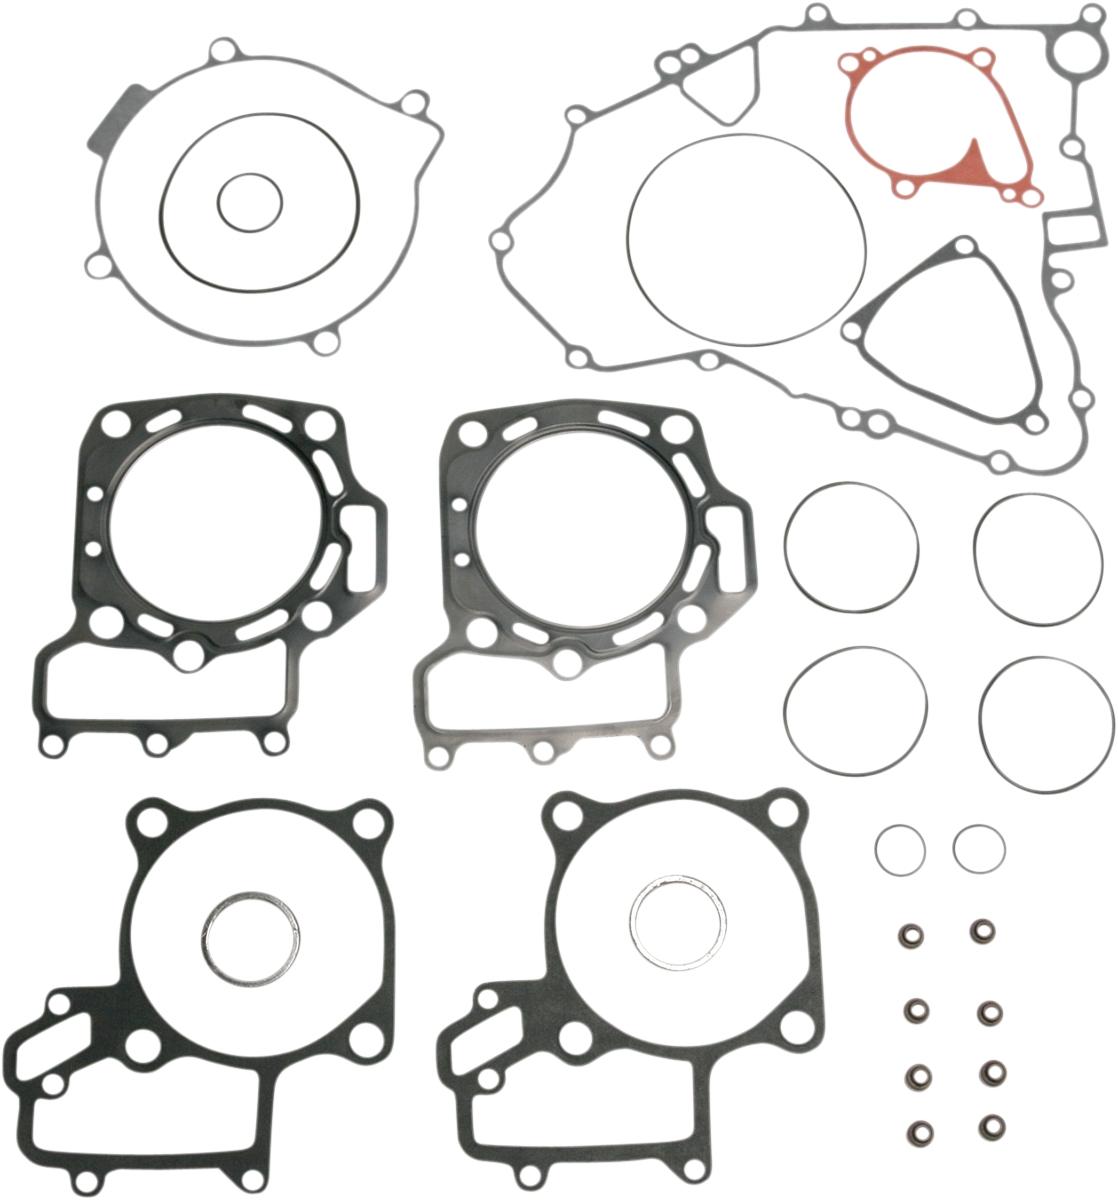 Moose Racing Complete Gasket Kit